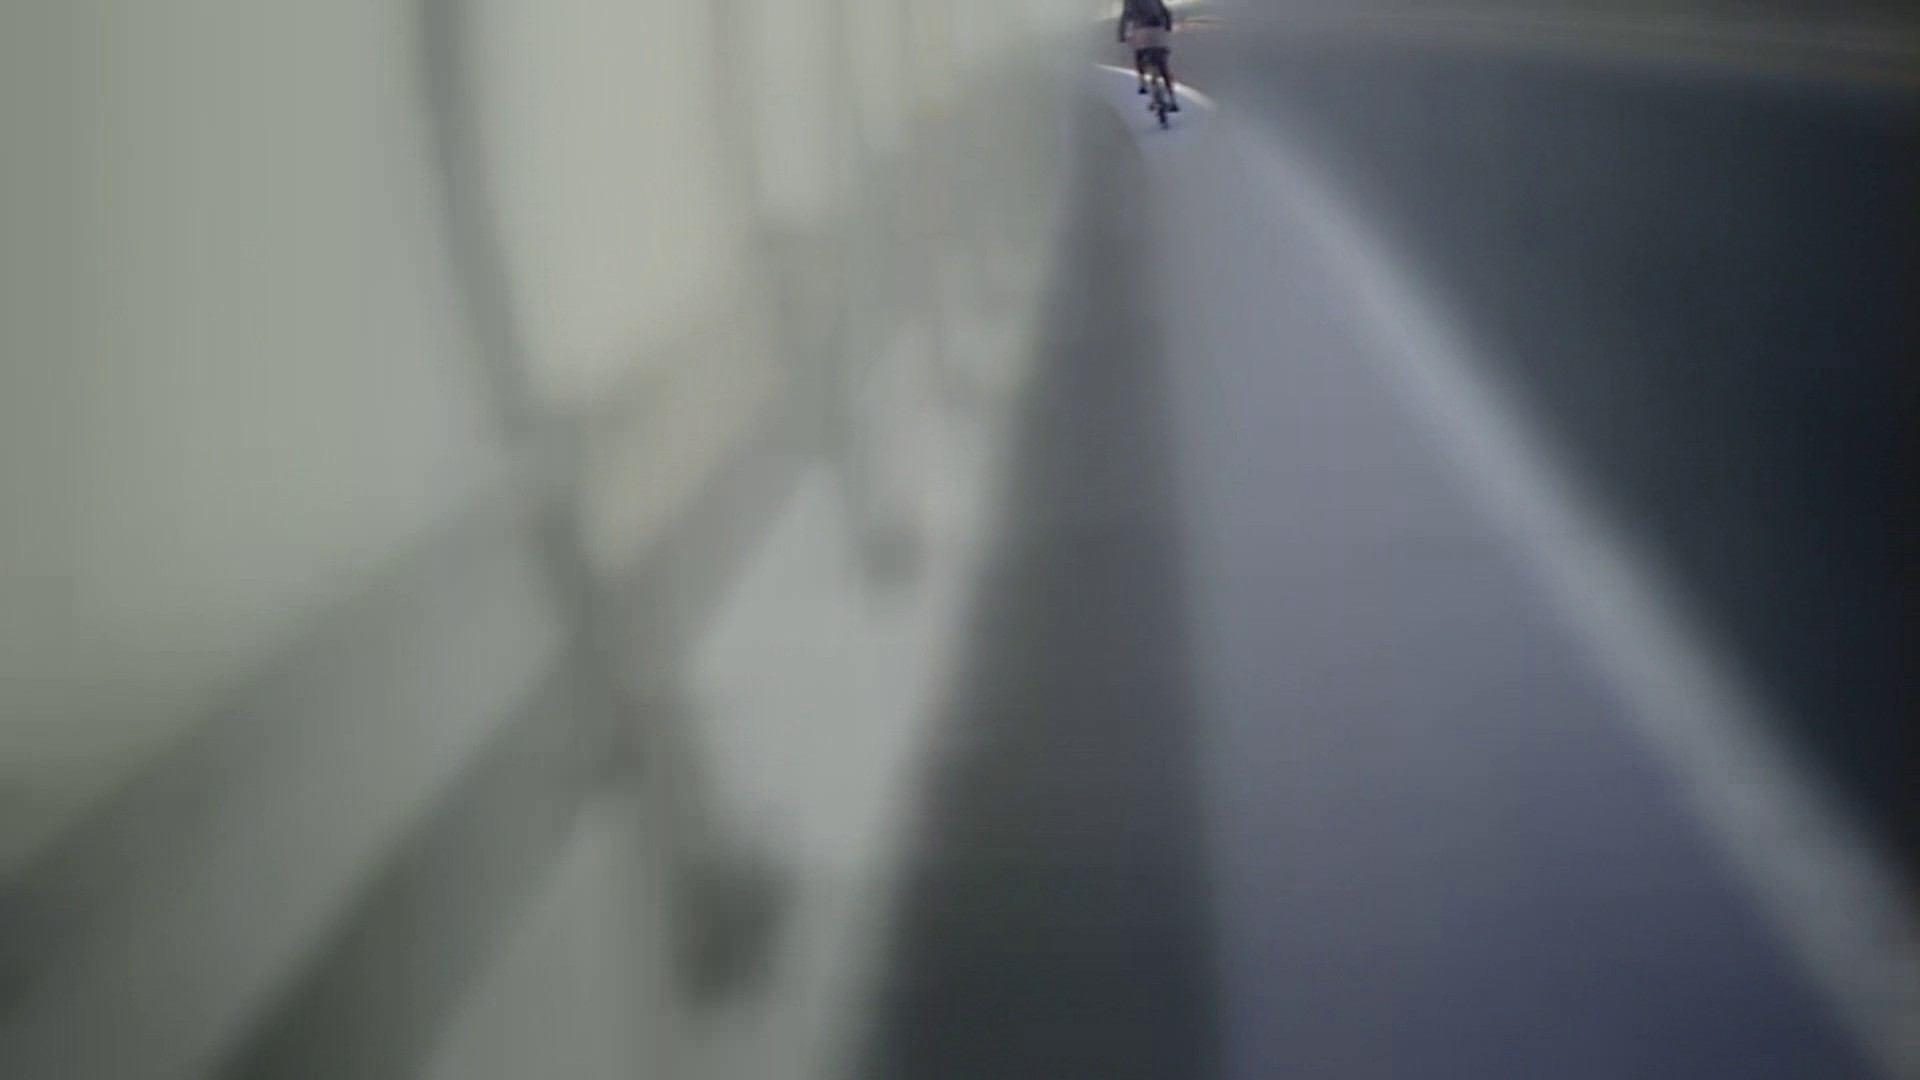 自転車パンチラ Vol.02 OLの実態 盗撮われめAV動画紹介 102pic 50